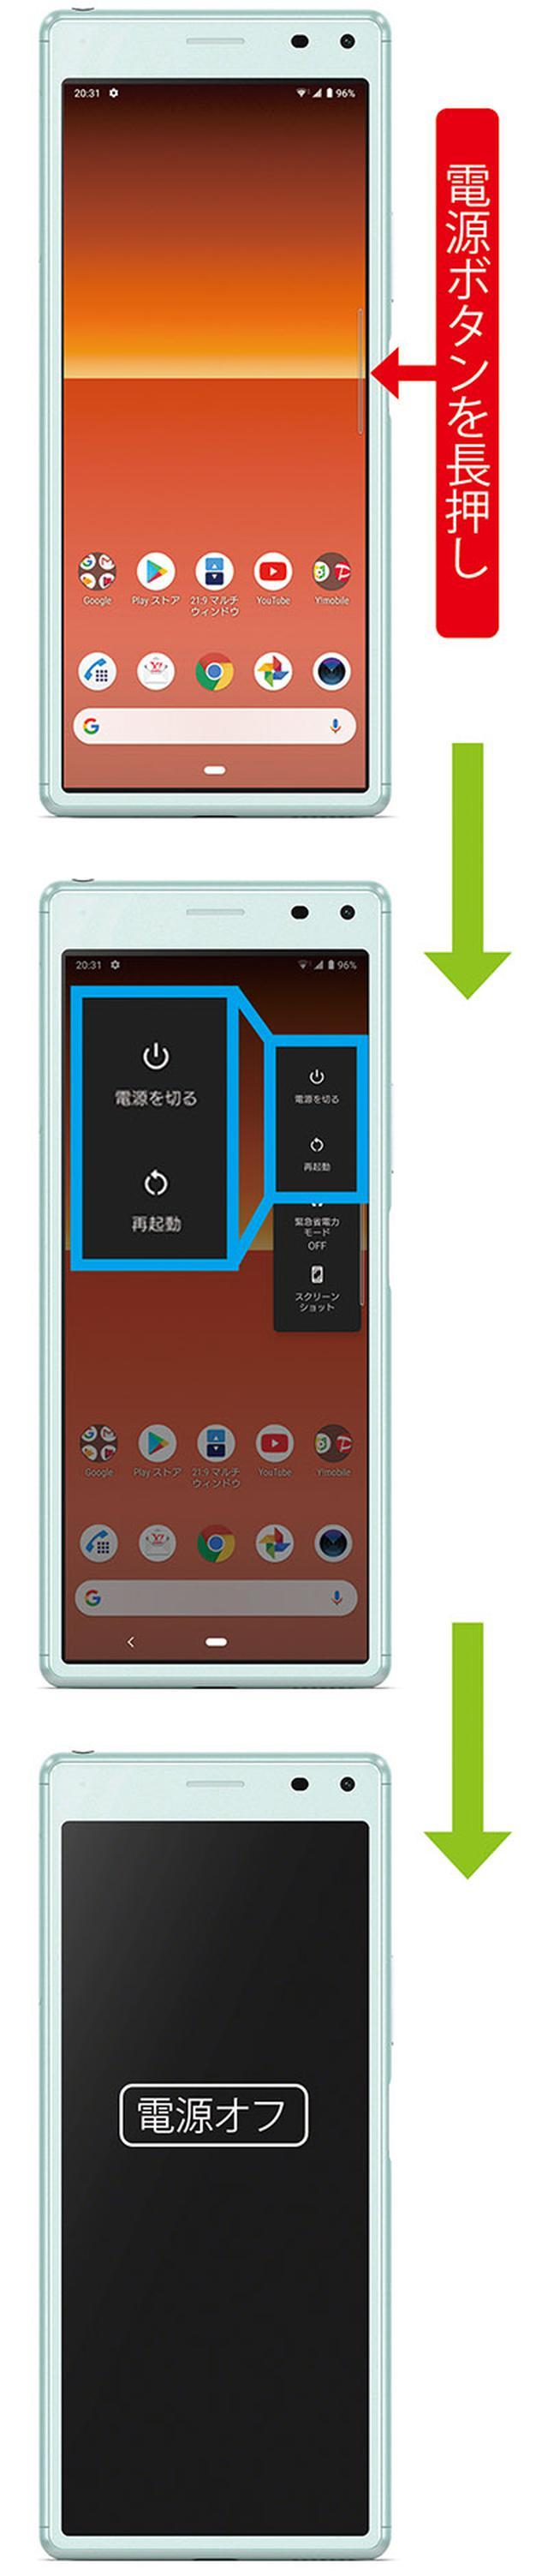 画像2: 疑問と悩み 基本操作編 Androidスマホの電源のオン/オフの仕方がわからない